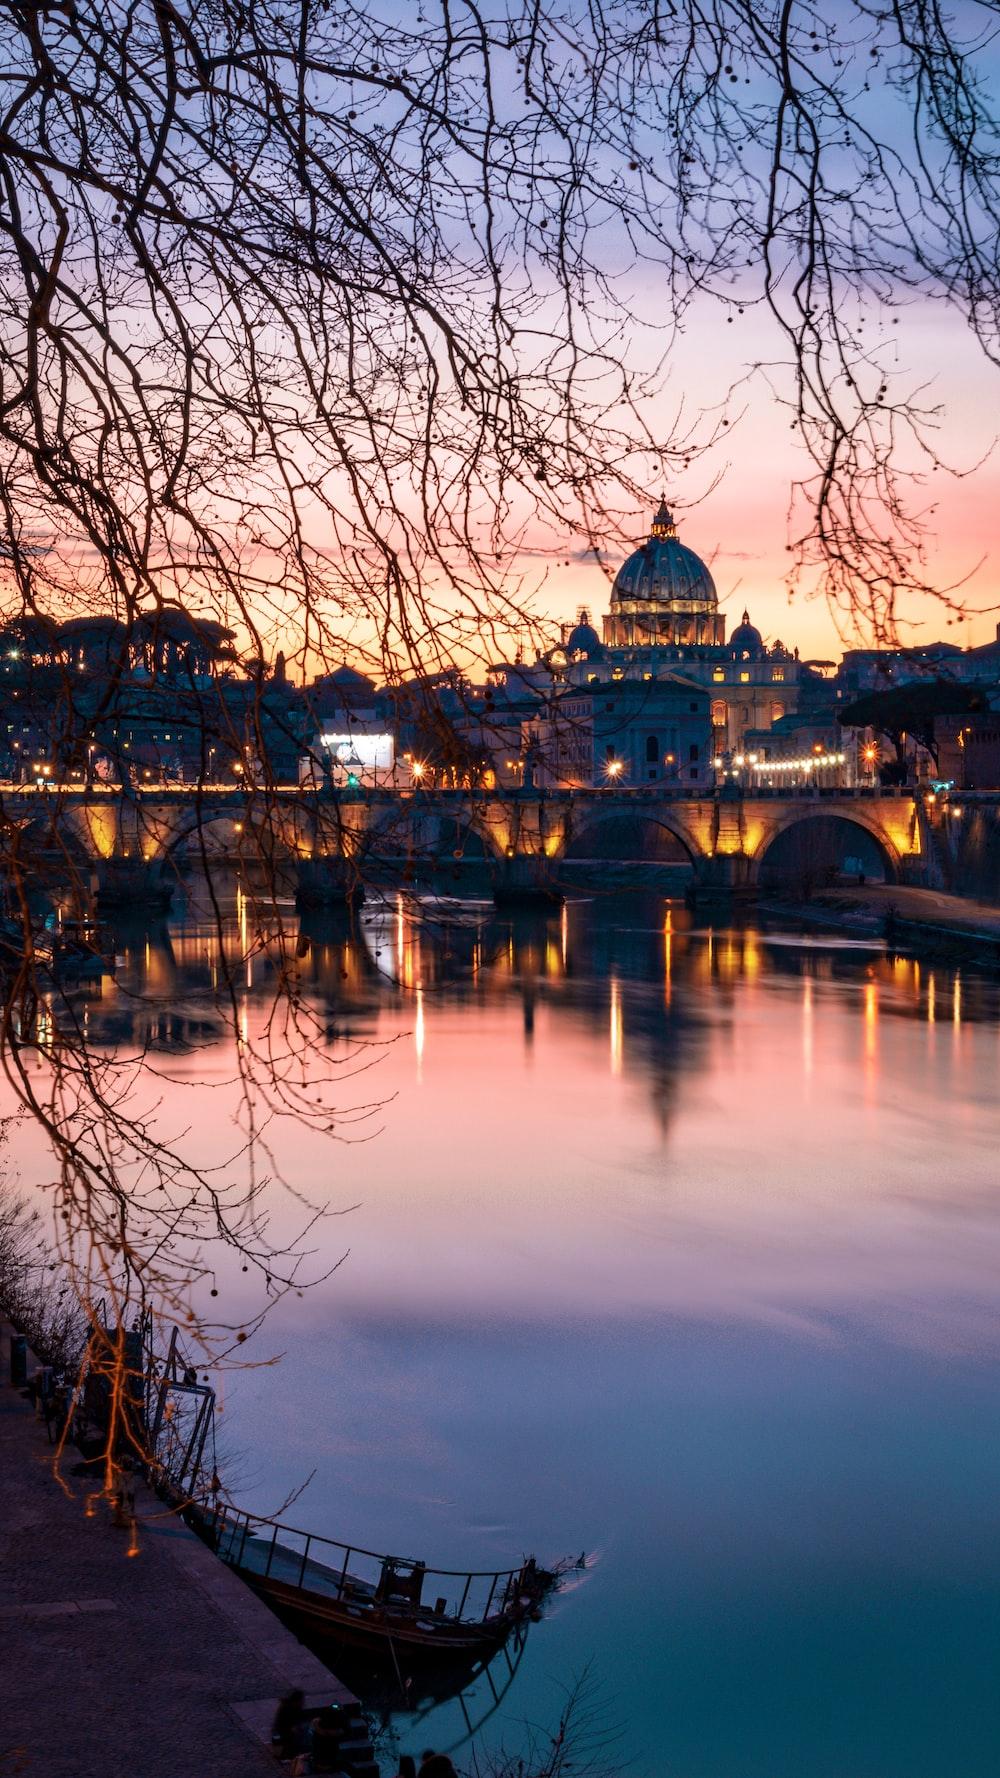 Vatican city in Italy in December